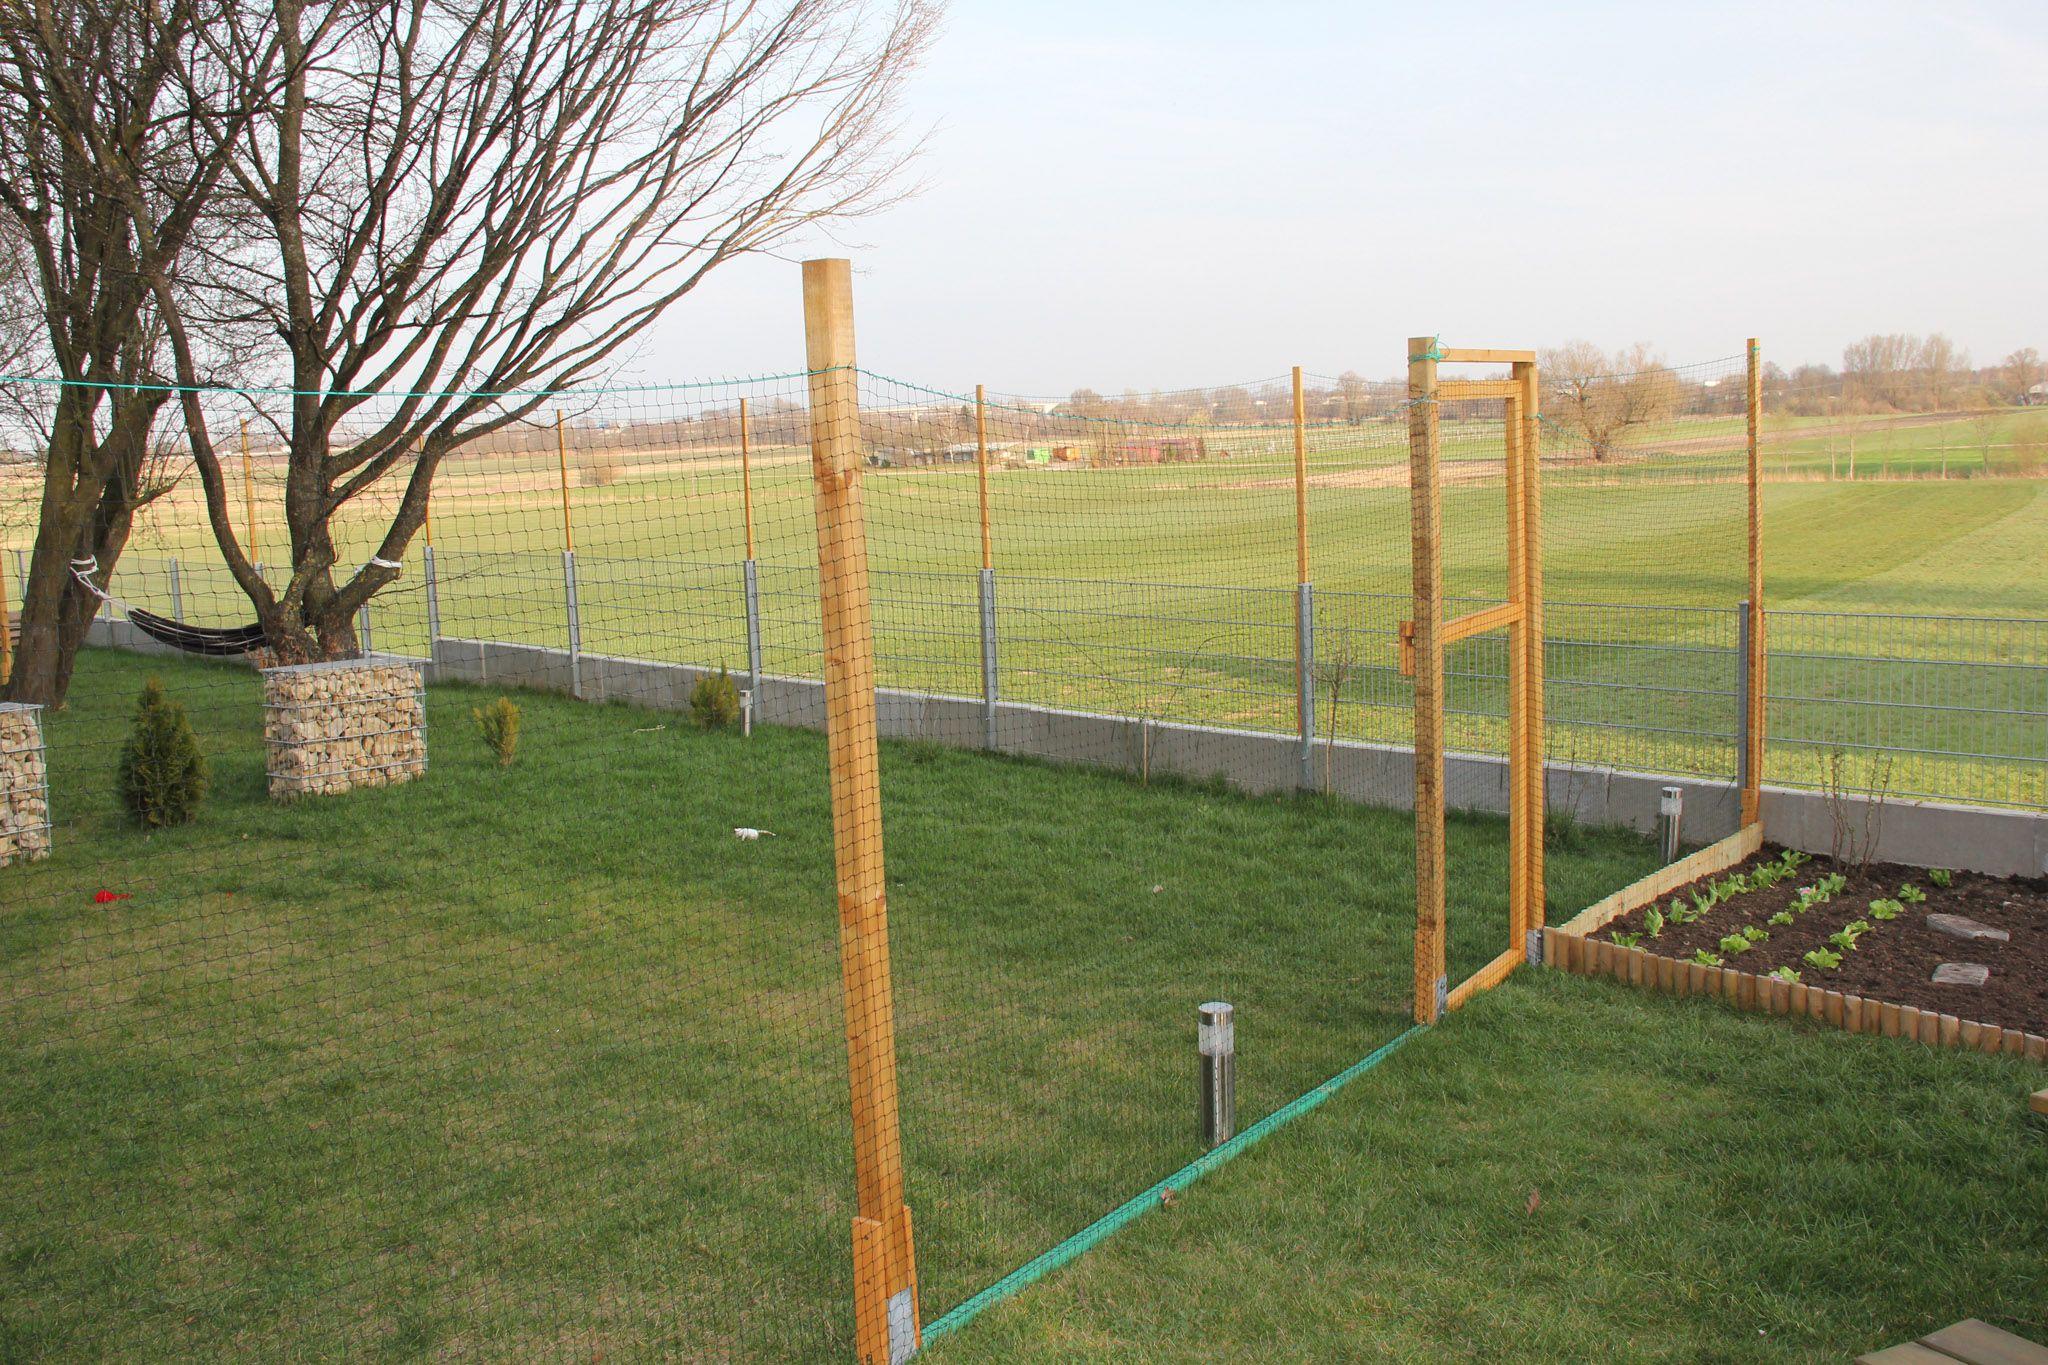 Katzen Freilauf Gehege Zaun Netz sicherer Auslauf für